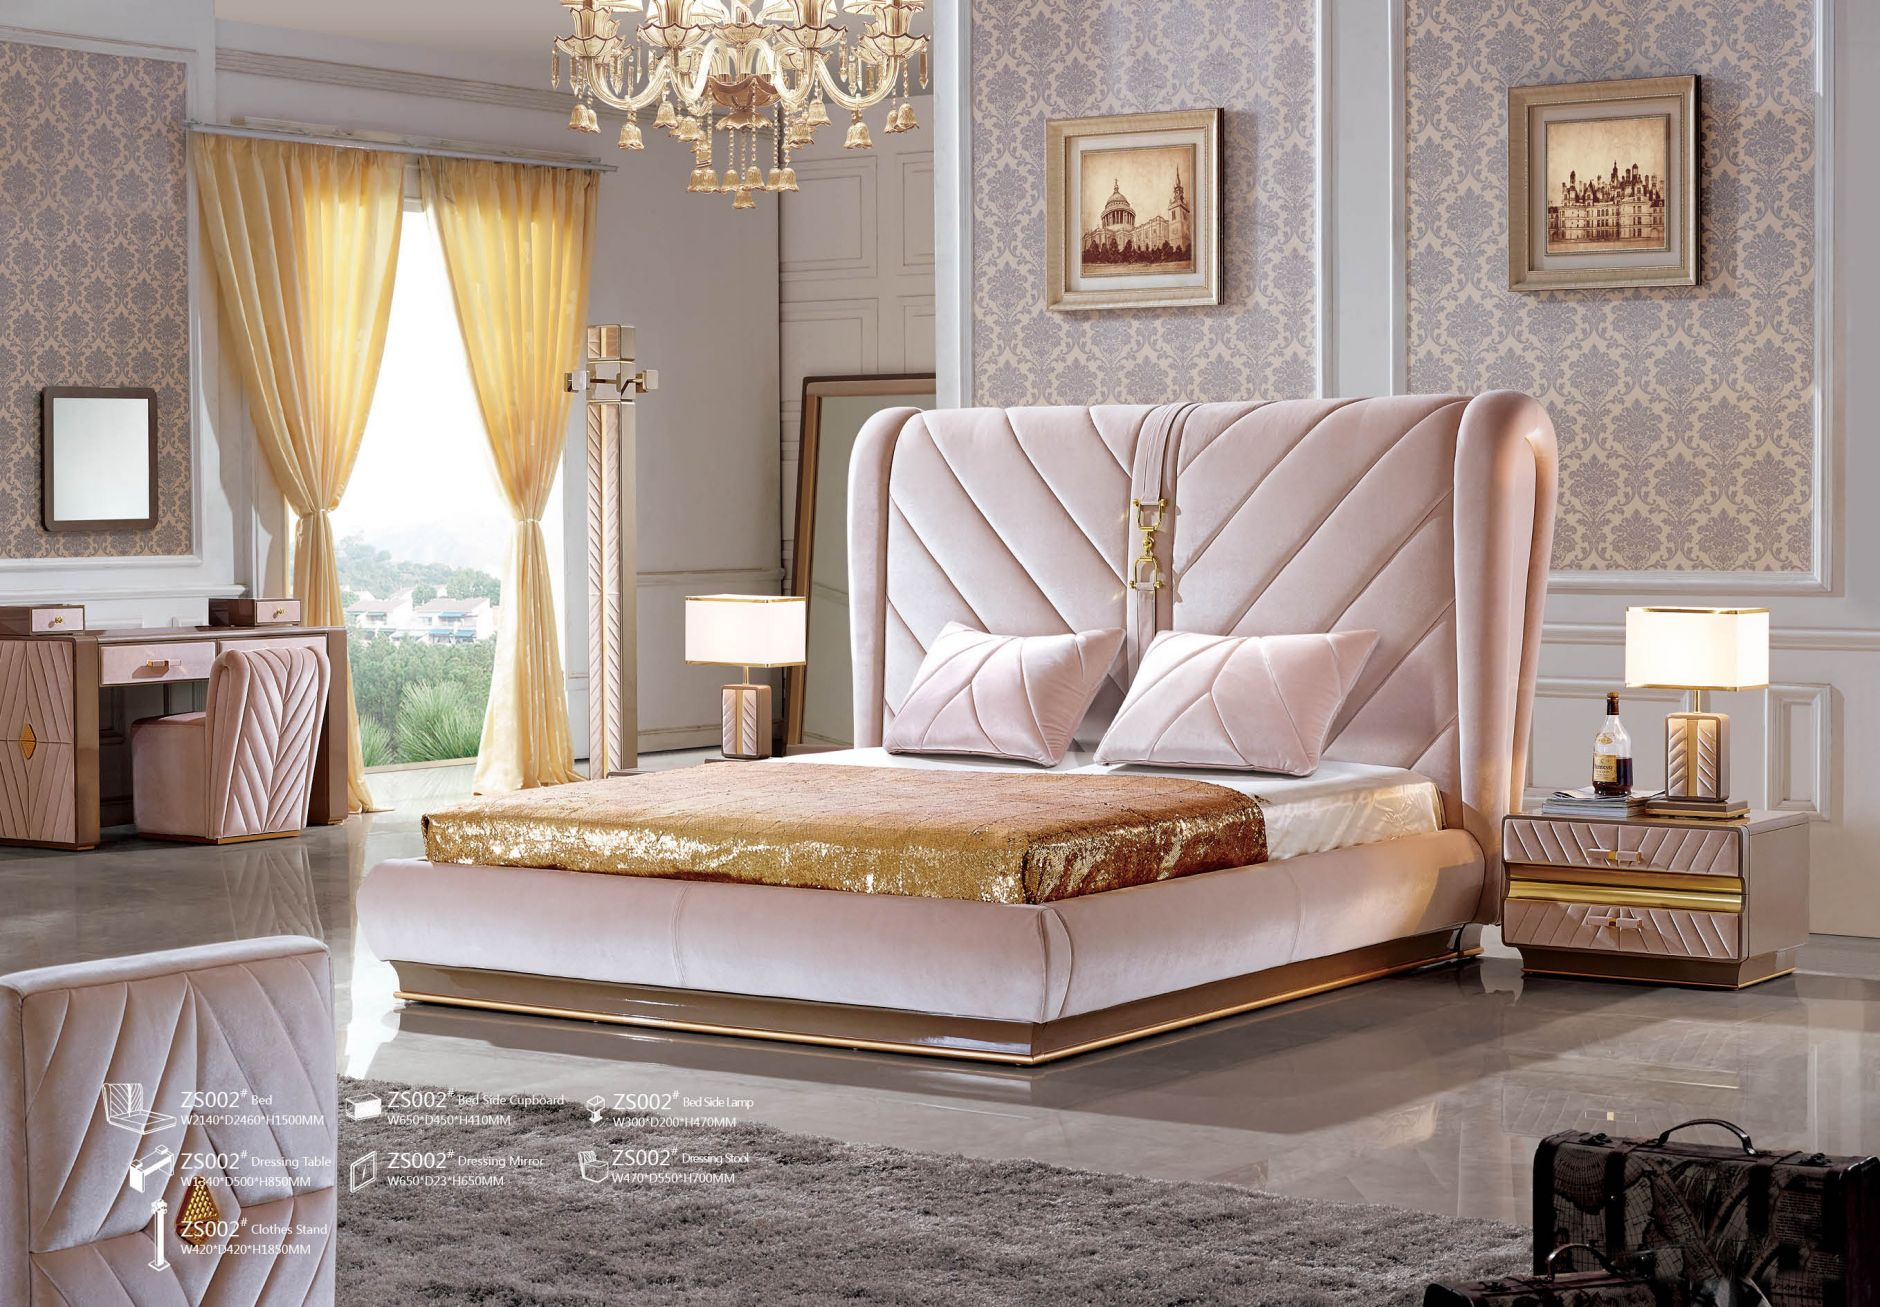 Schlafzimmer designer schlafzimmer serie zs002die m bel - Designer schlafzimmer ...